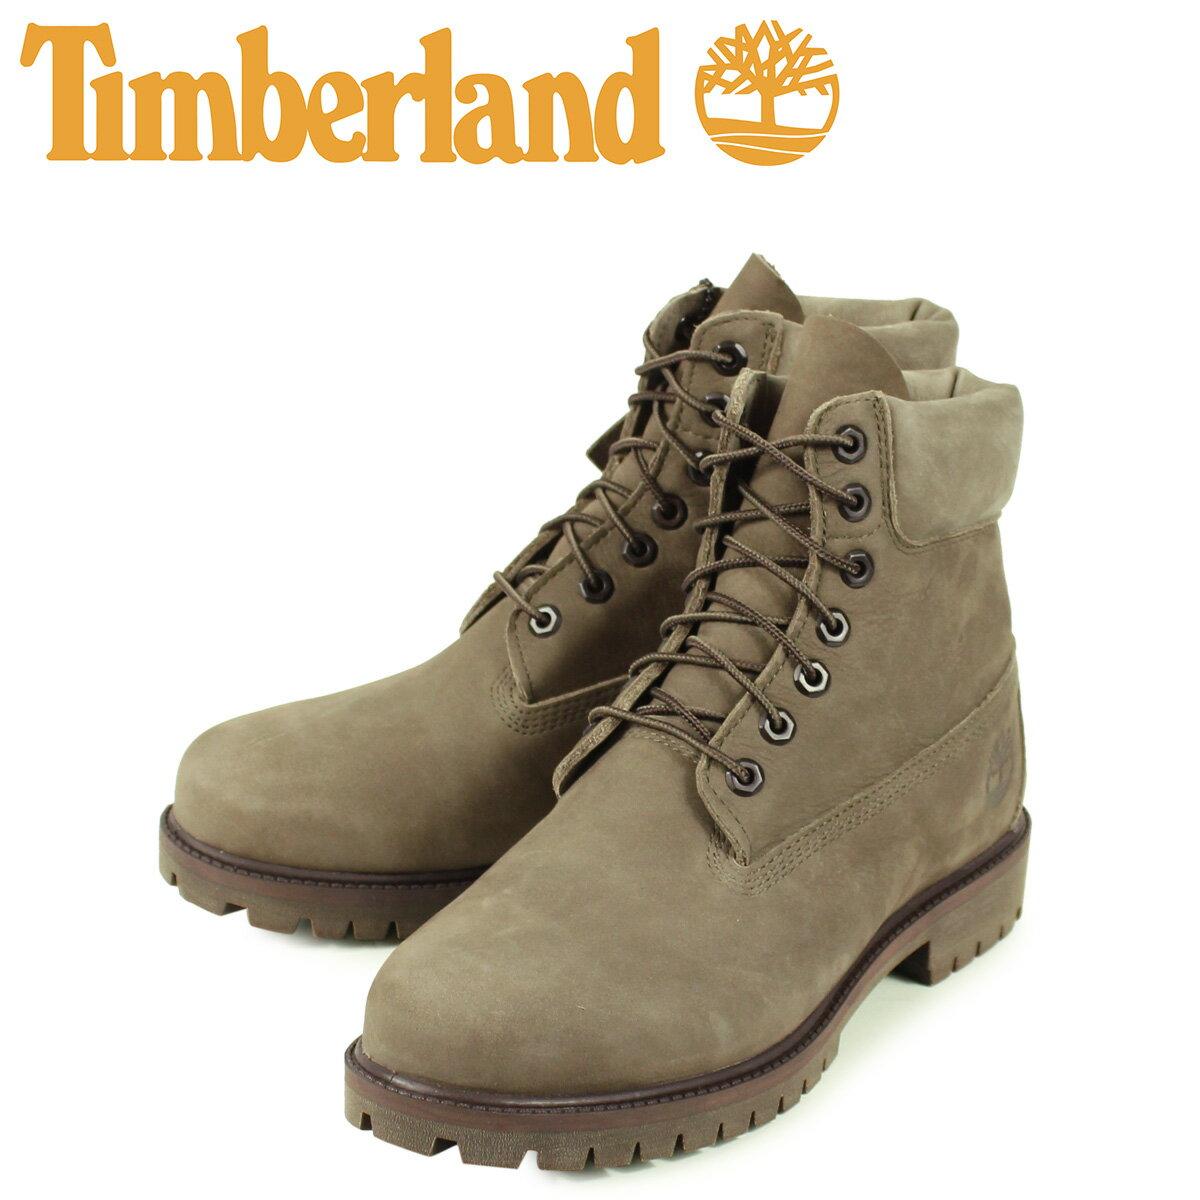 ティンバーランド Timberland ブーツ 6インチ ウォータープルーフ メンズ 6INCH WATERPROOF BOOTS オリーブ A24W3画像